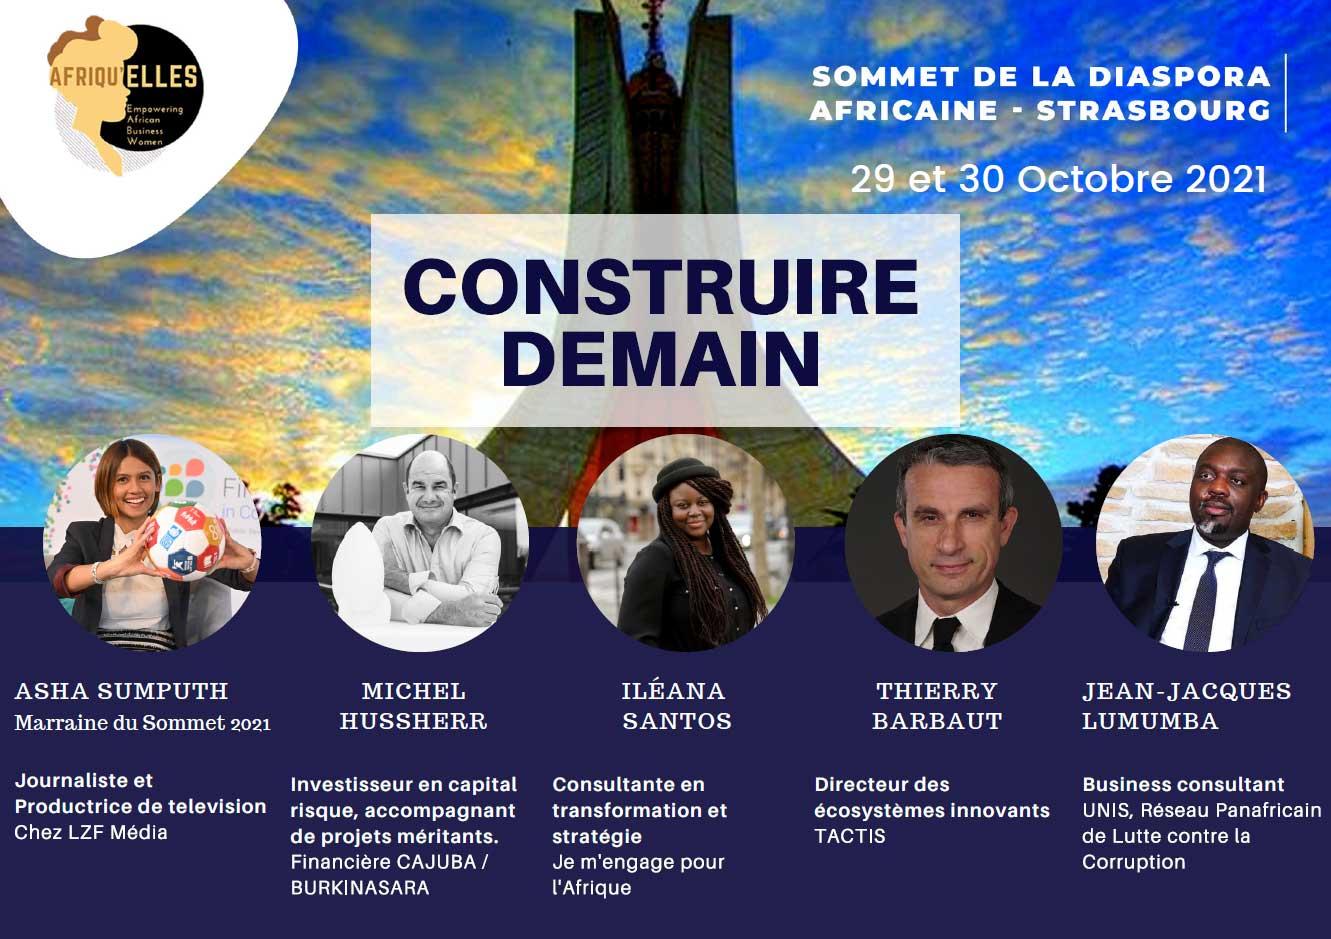 Sommet de la diaspora Africaine de Strasbourg Construire demain